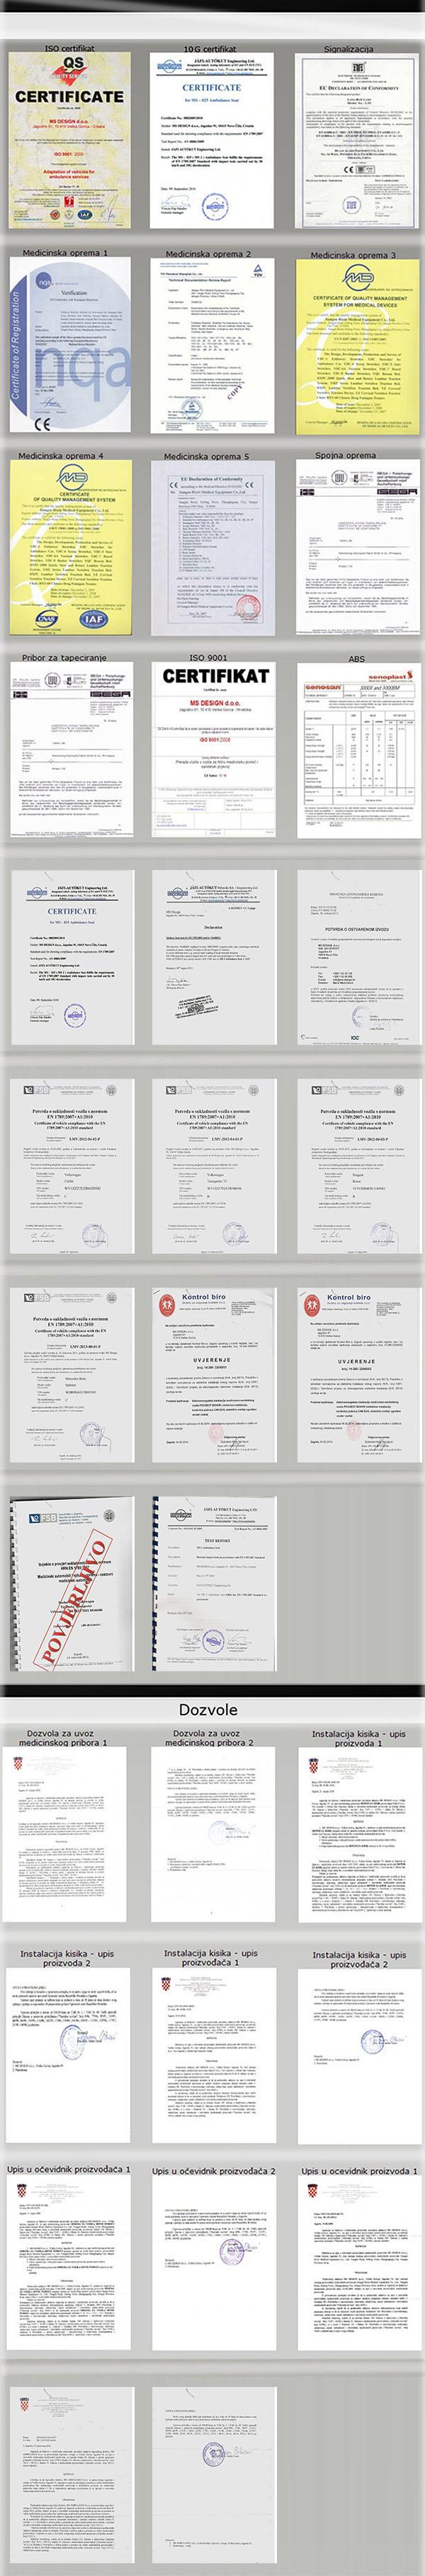 Certifikati i dozvole